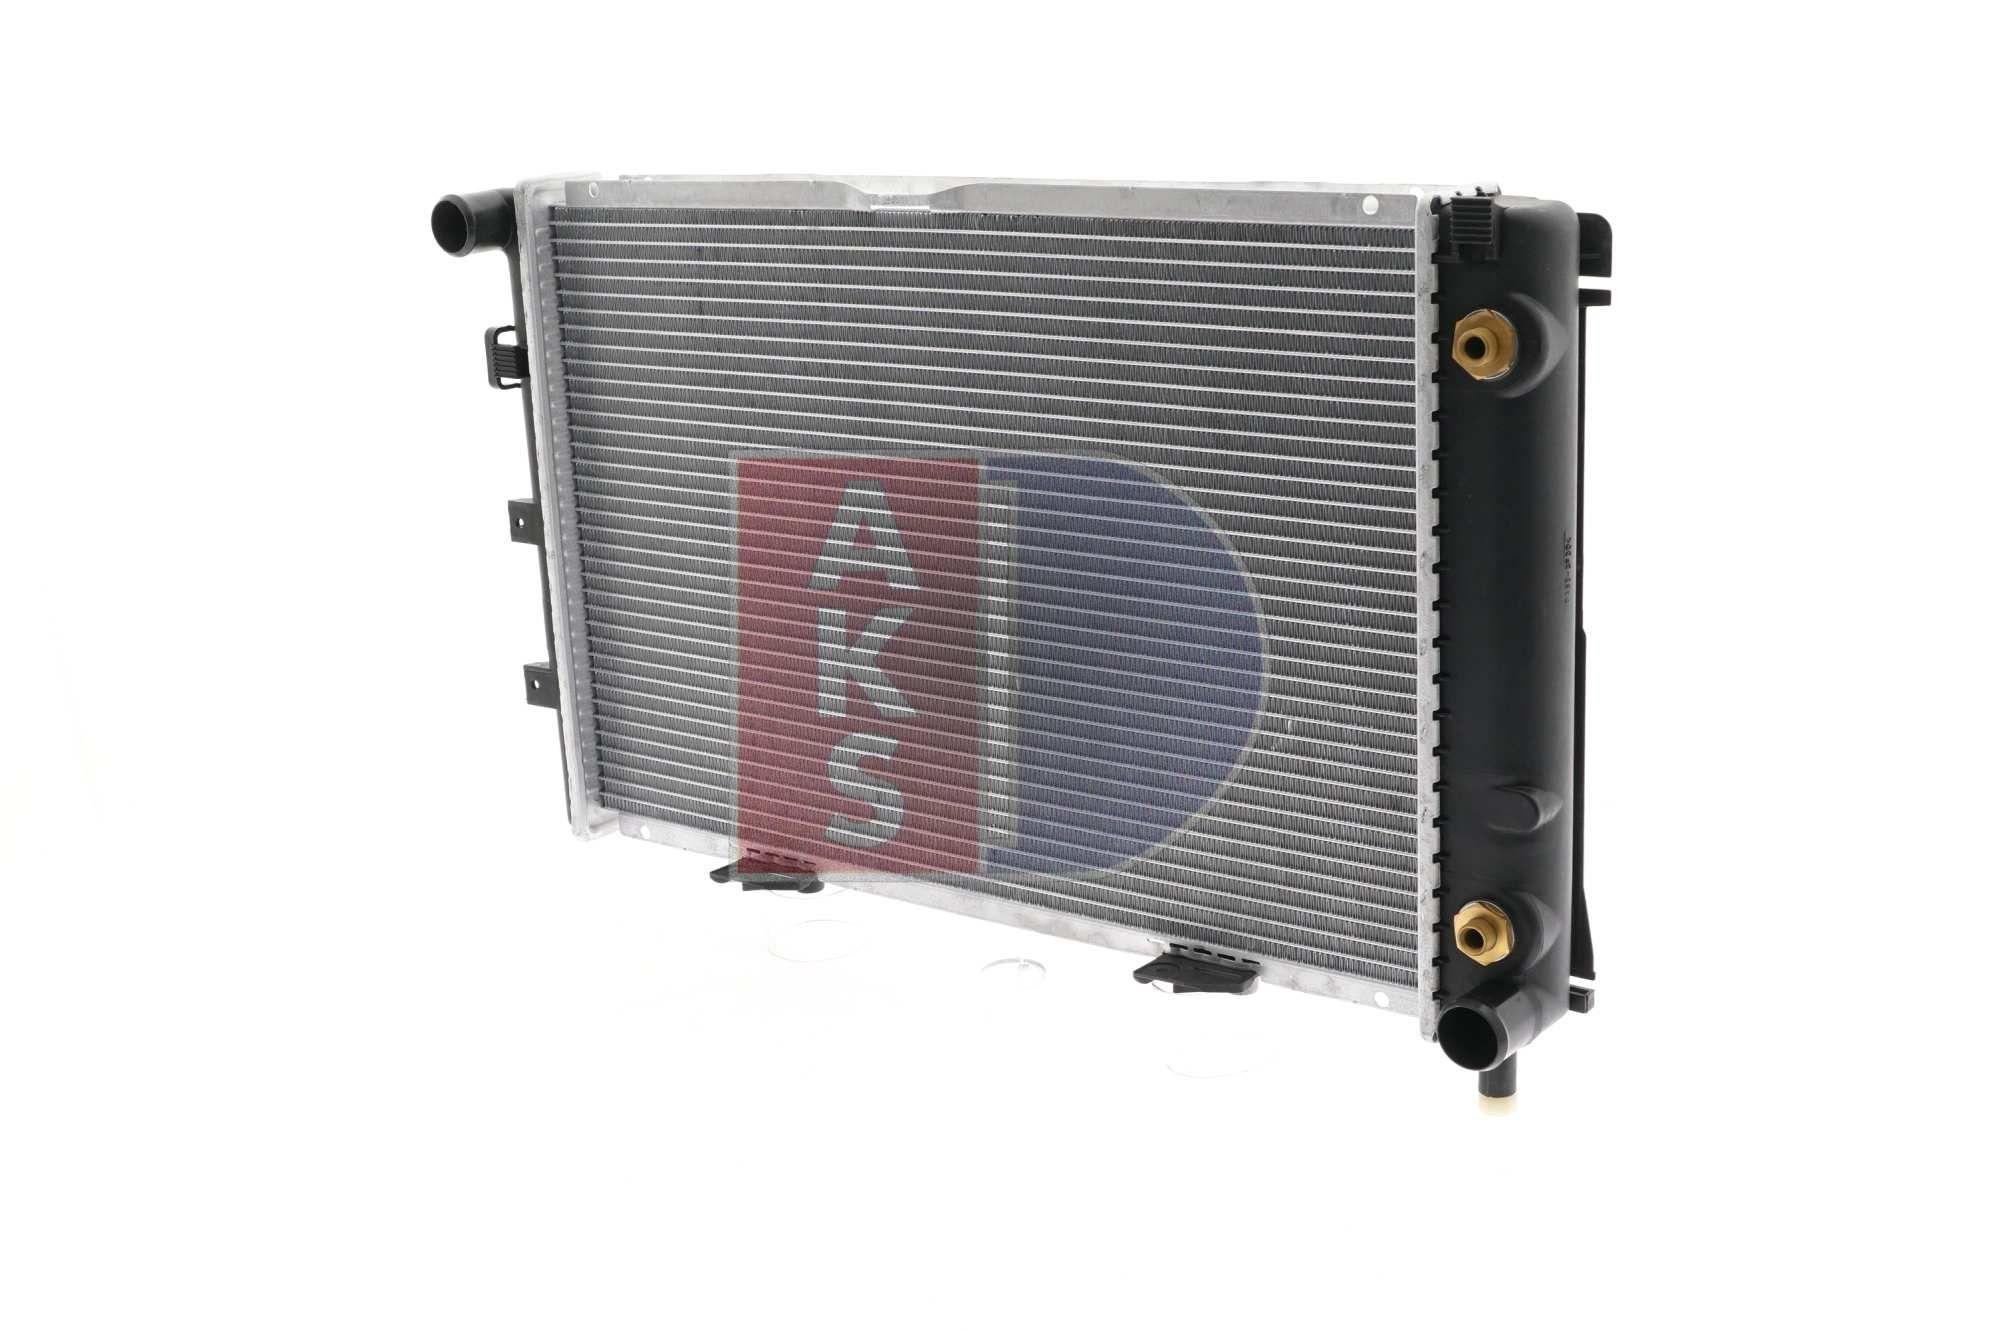 Nrf radiador agua radiador motor refrigeración motor radiador Easy fit 516580